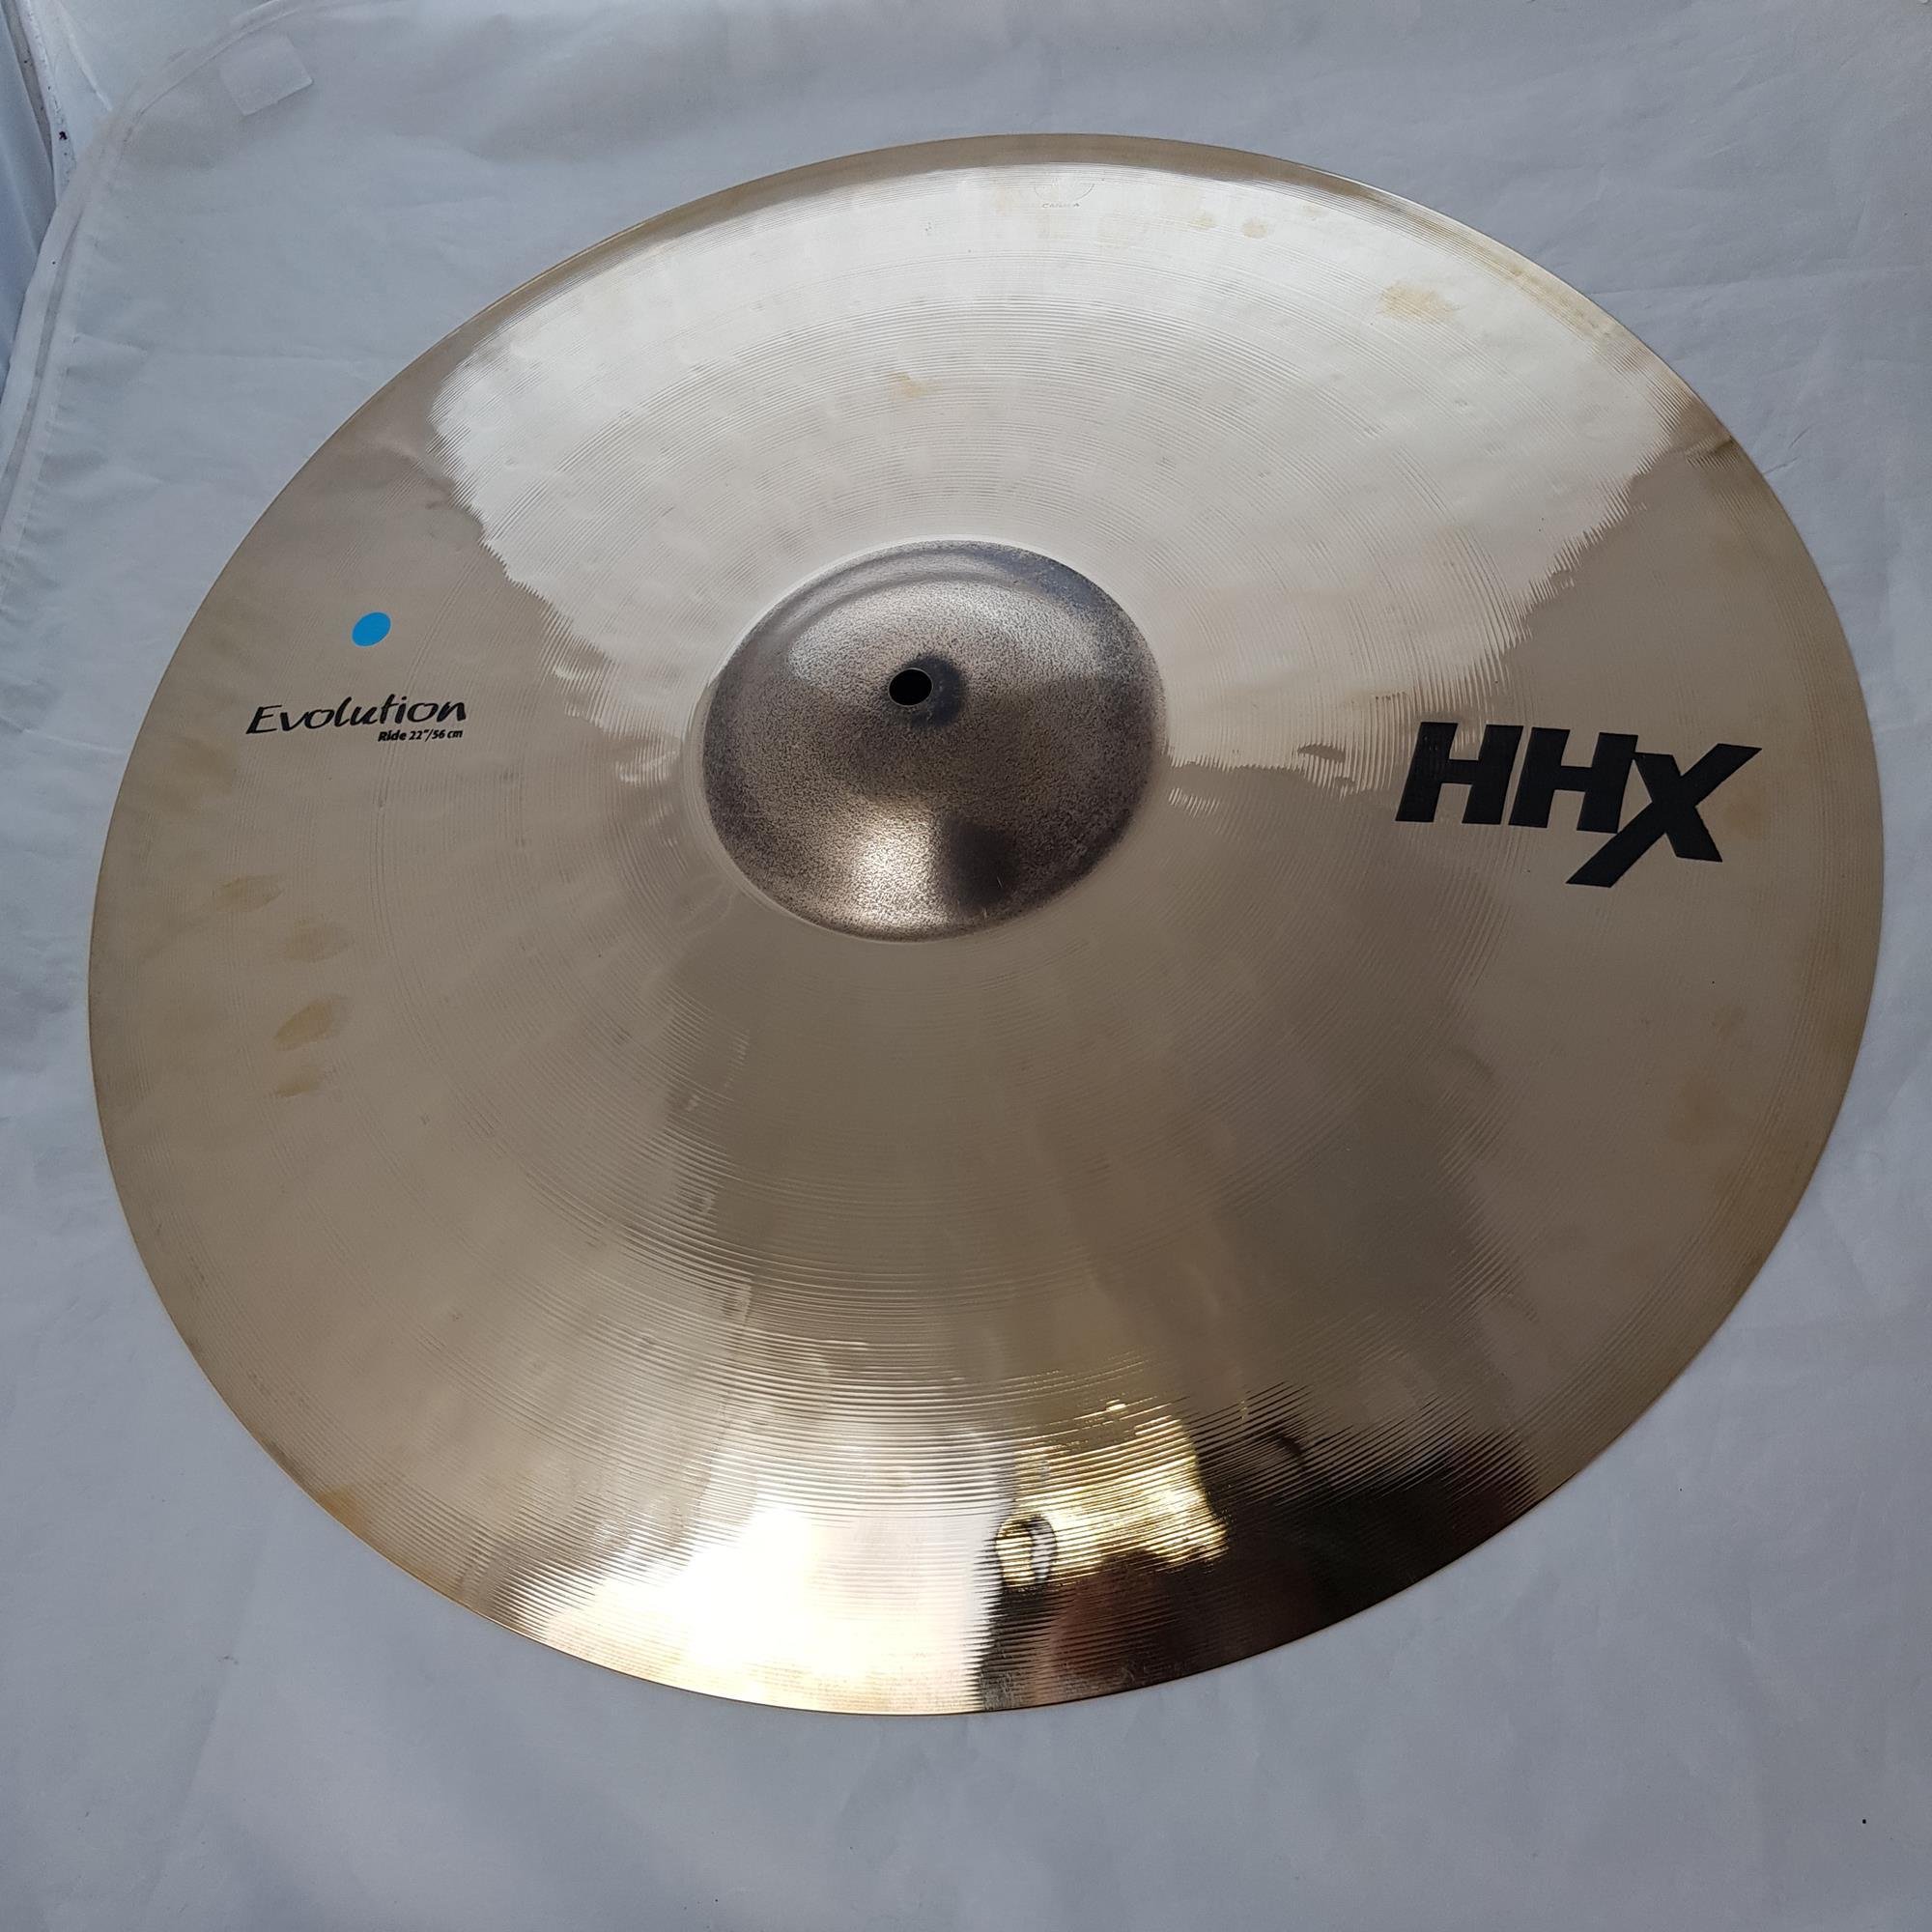 SABIAN-HHX-22-RIDE-sku-1622287147113